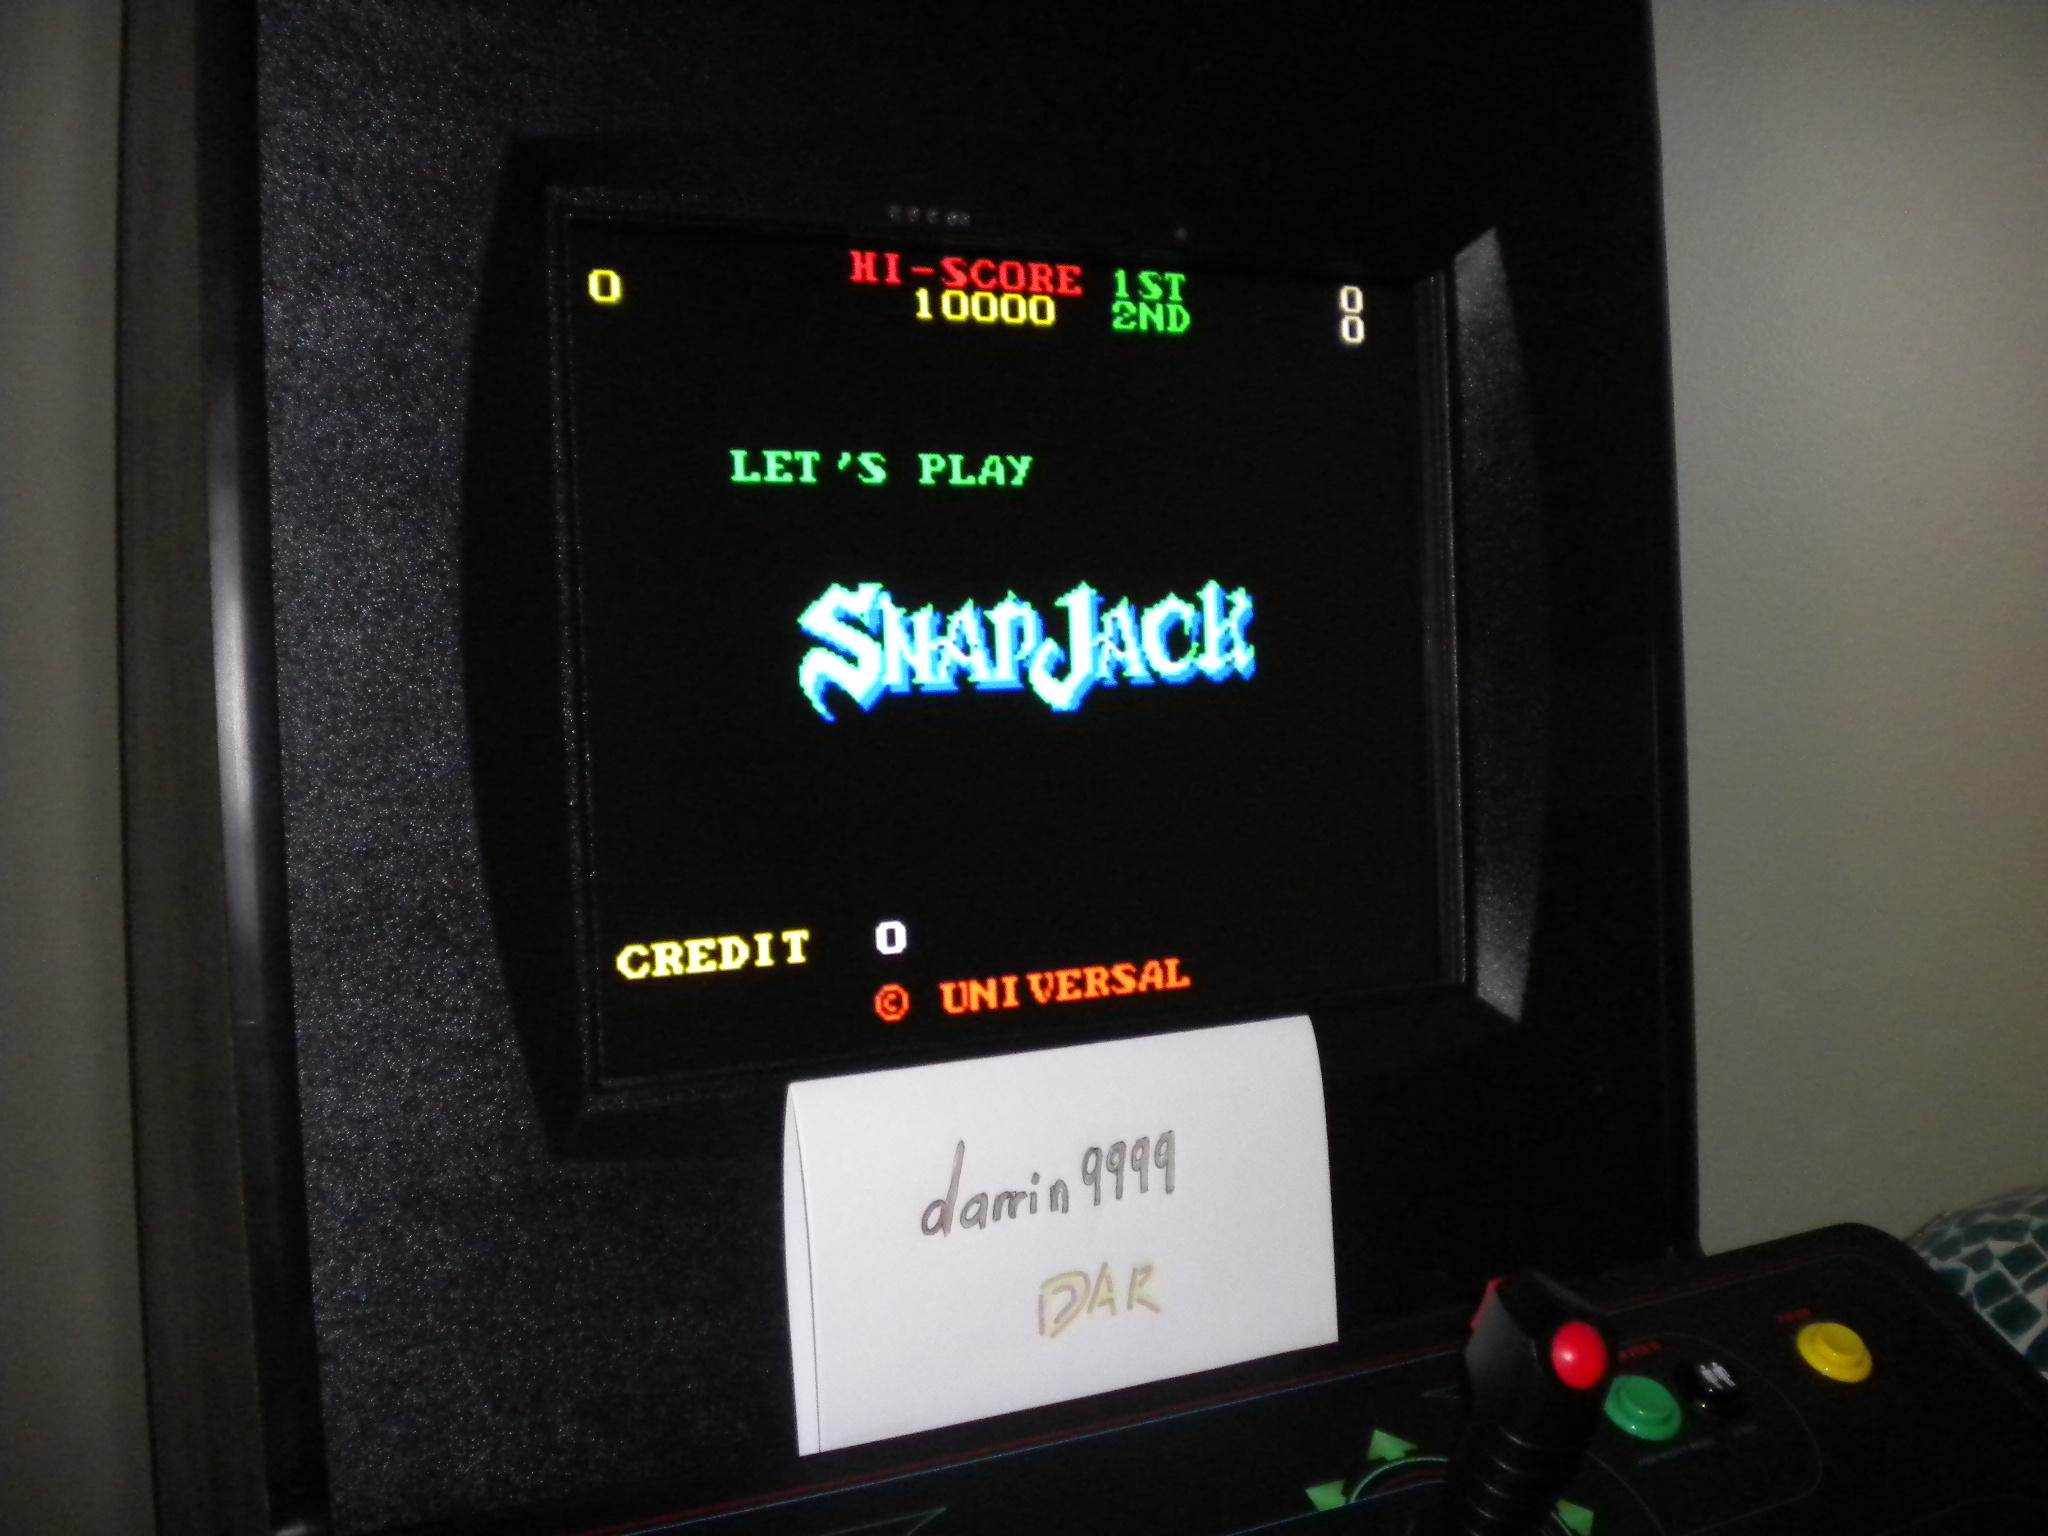 Snap Jack 2,860 points